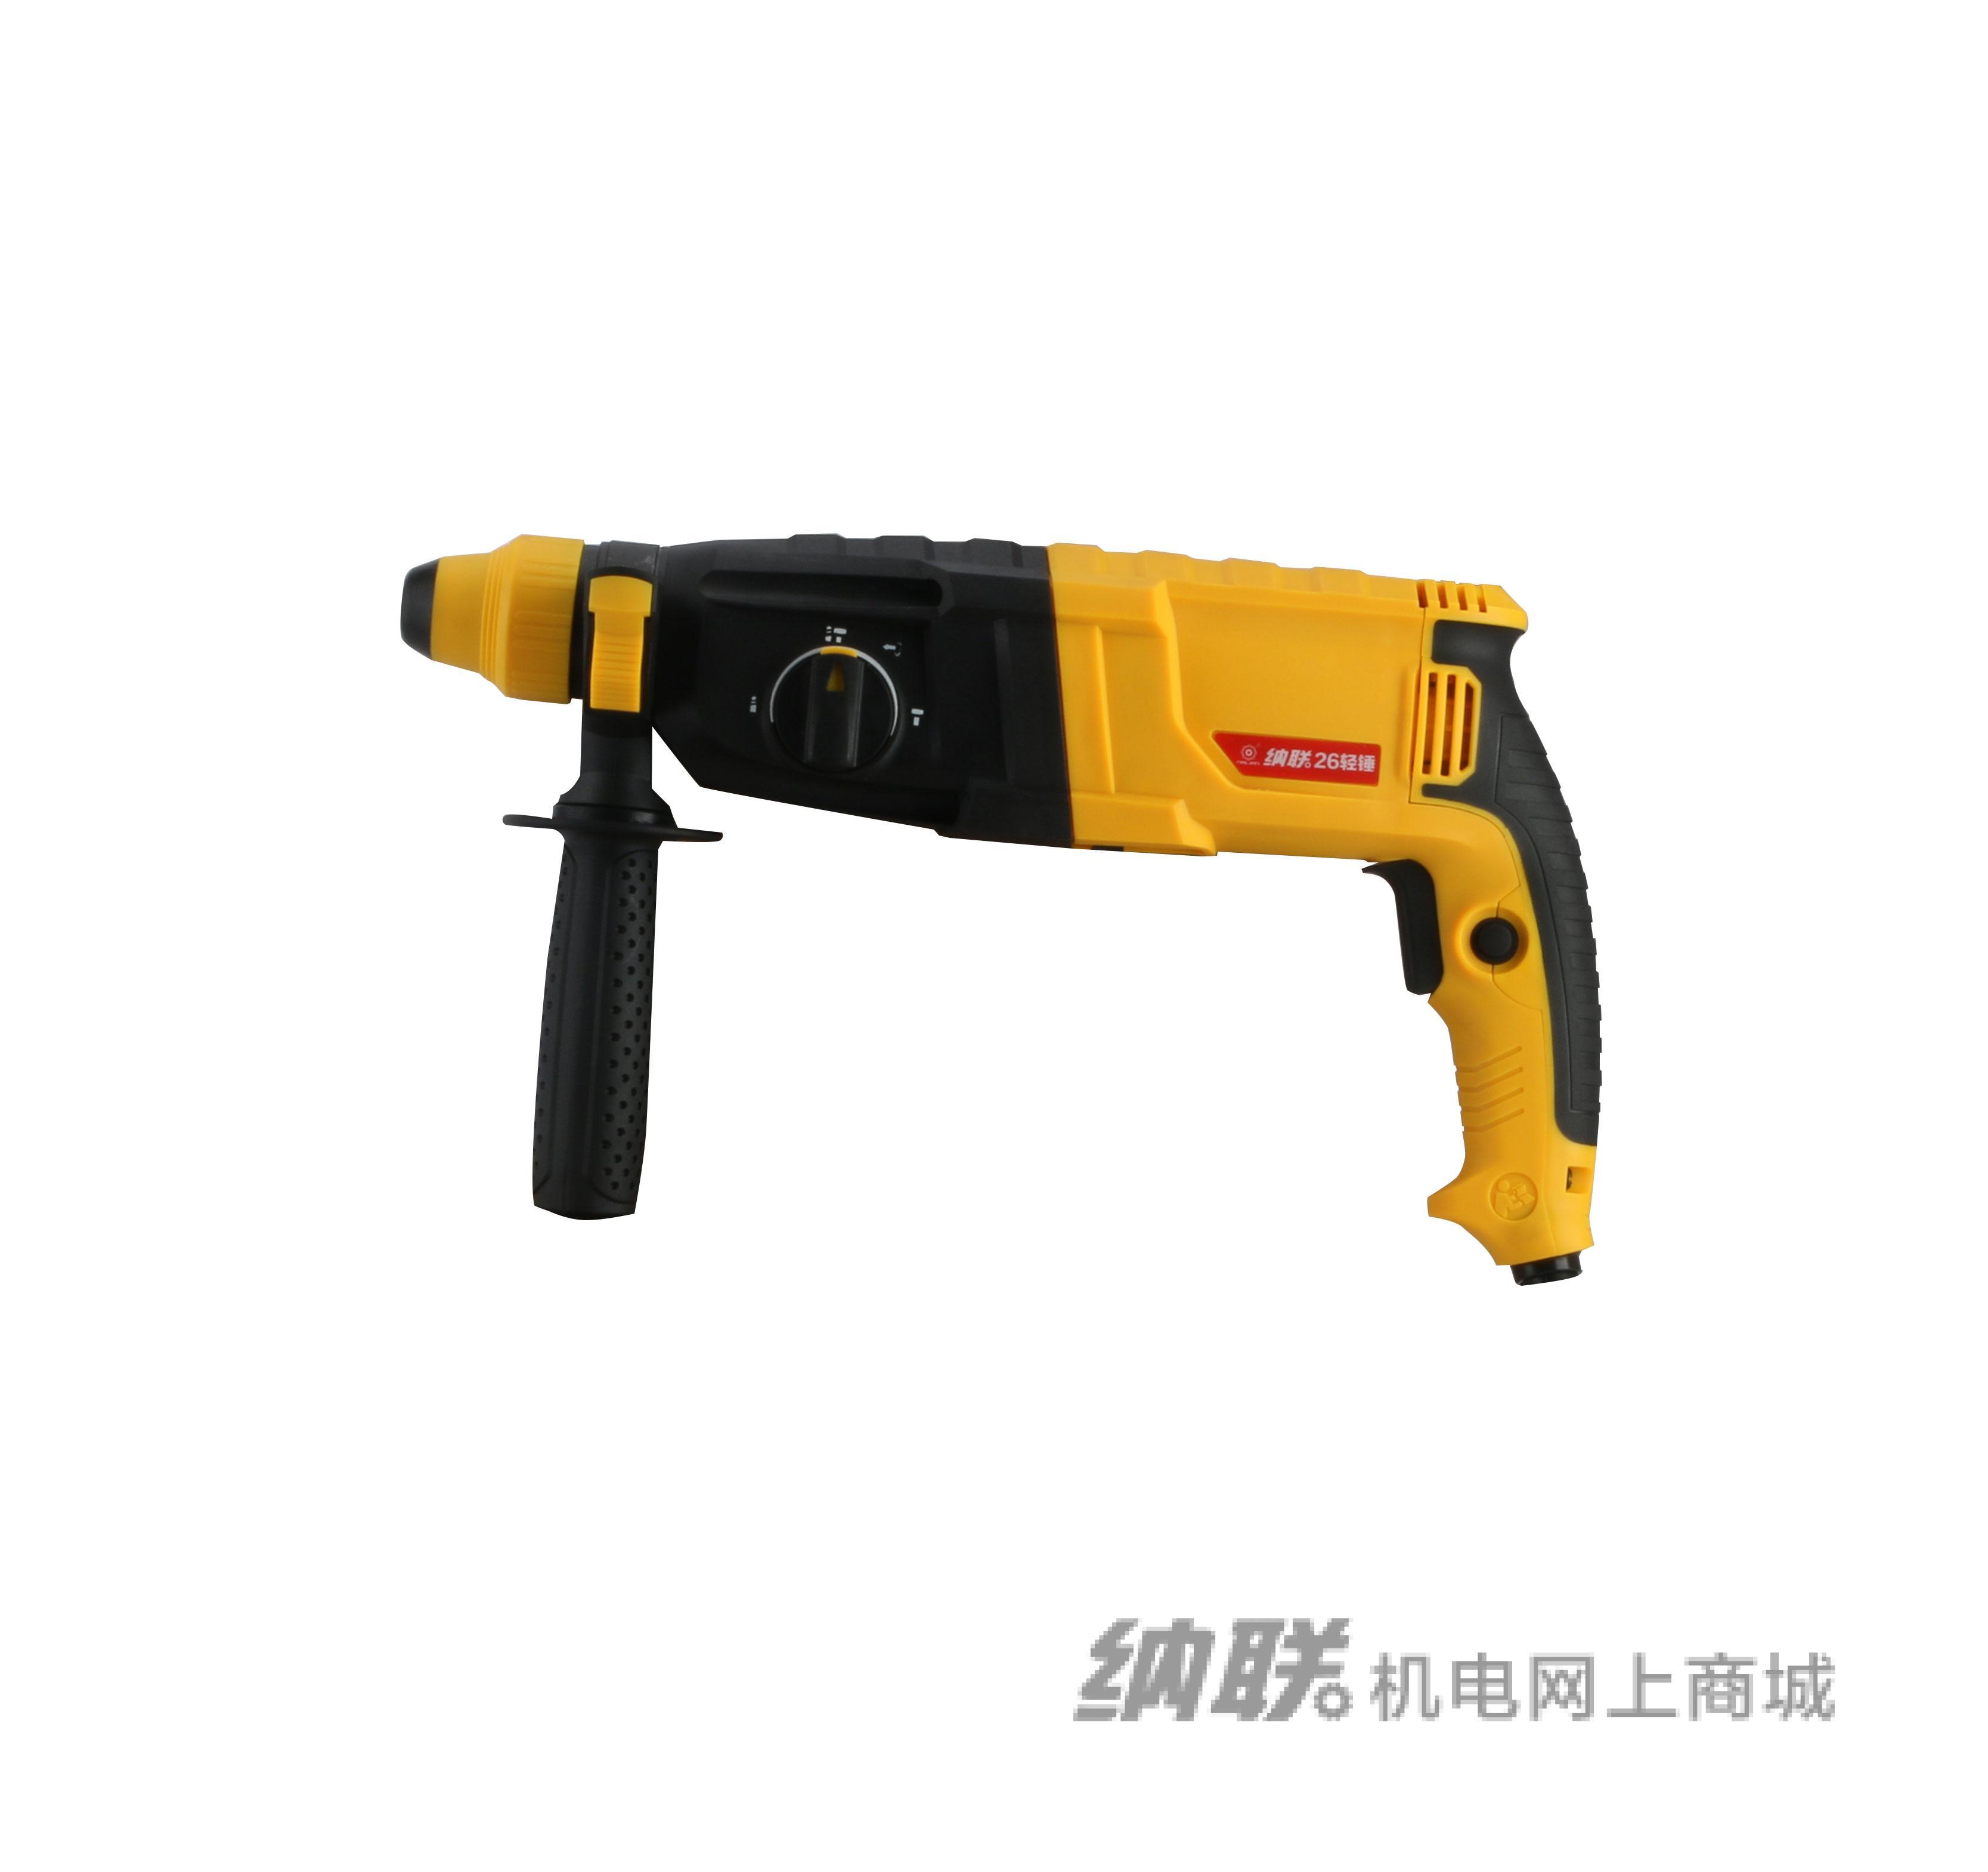 纳联机电 电锤-Z1A2-26SRE/780W三用轻型(促销)